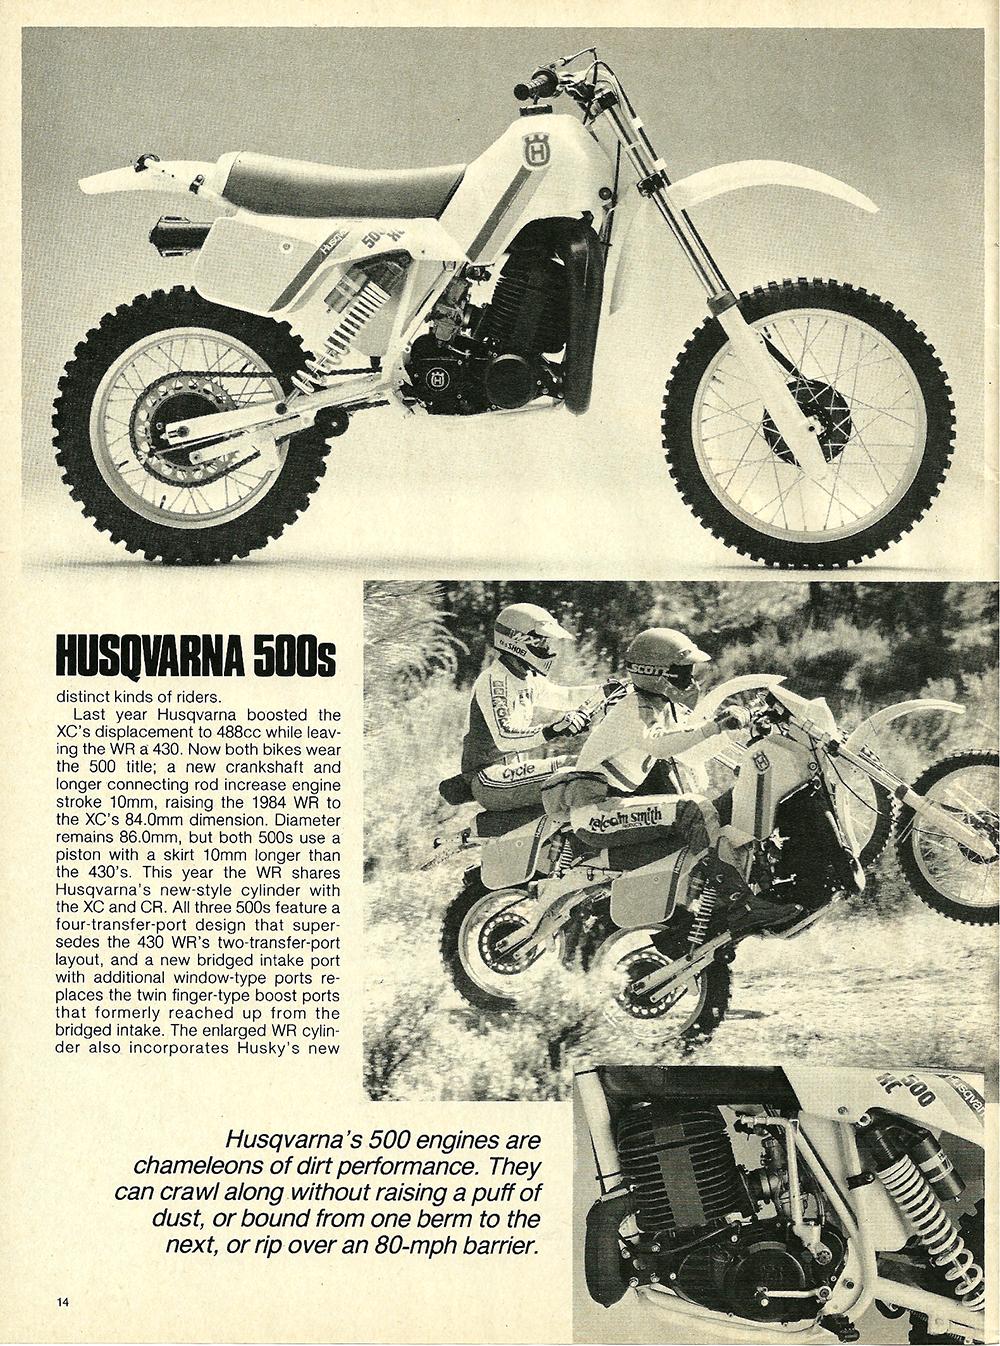 1984 Husqvarna 500 XC WR road test 3.jpg